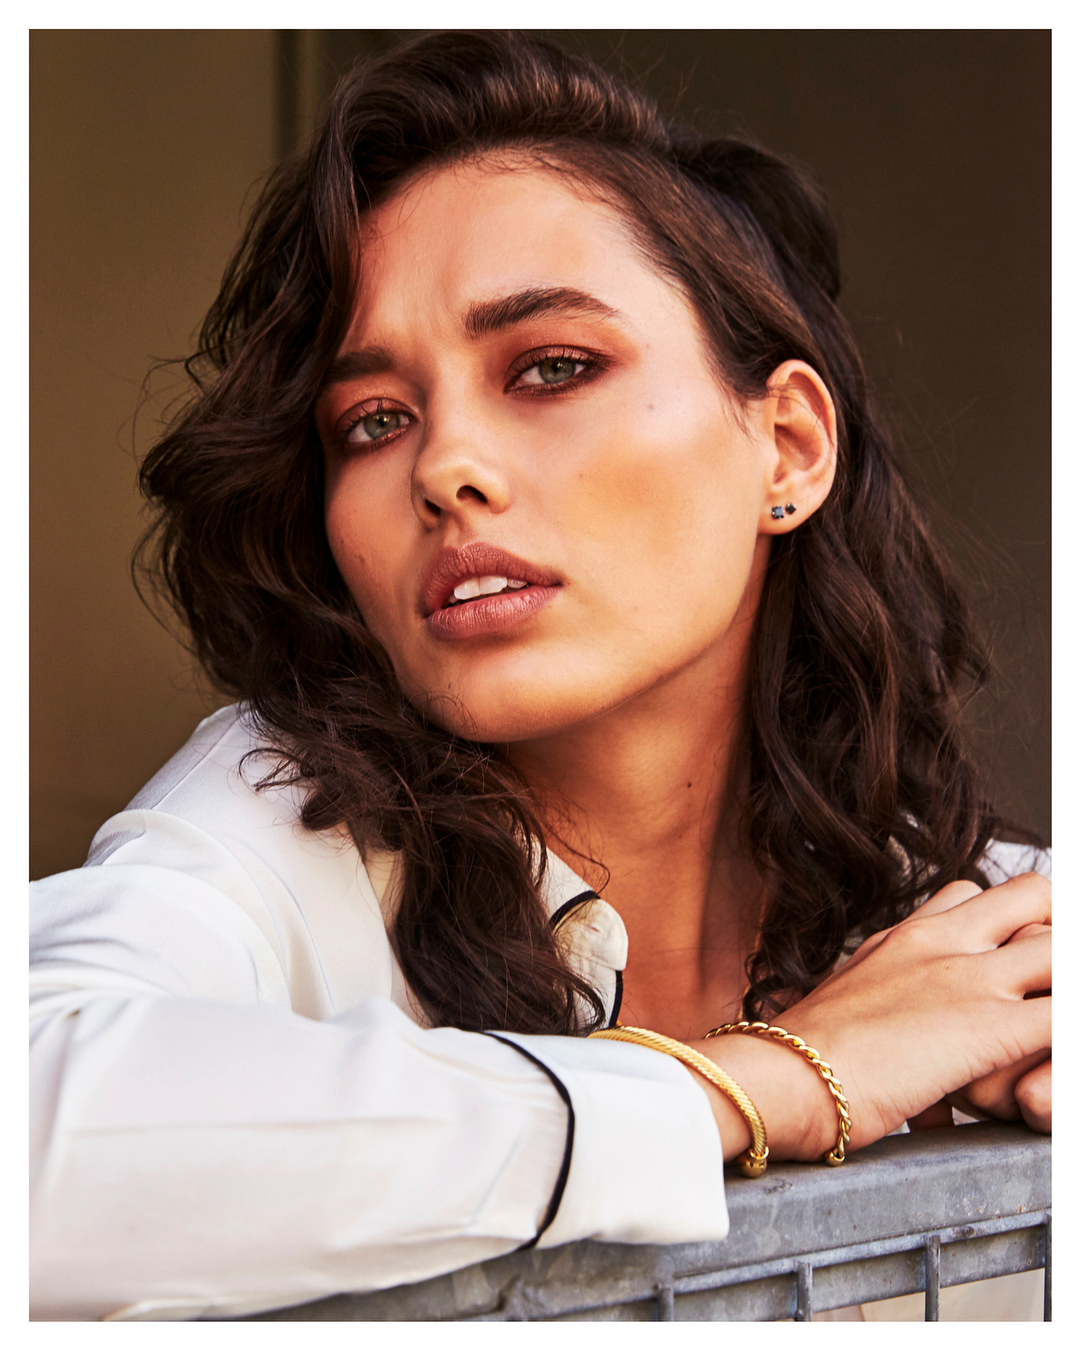 Zoe S – Sydney